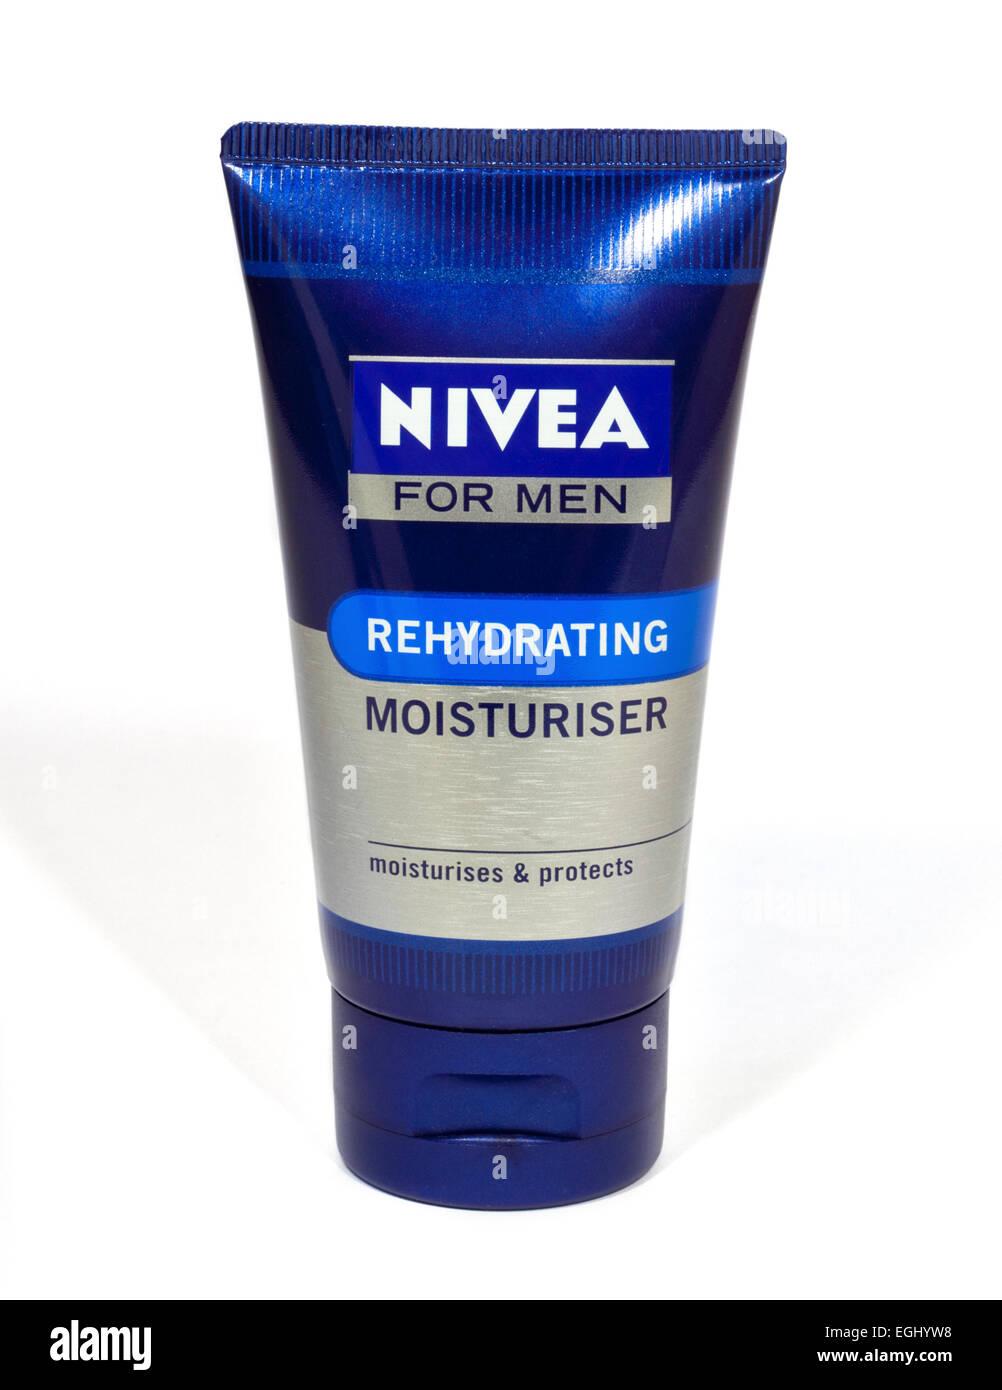 Nivea for Men Rehydrating Moisturiser - Stock Image